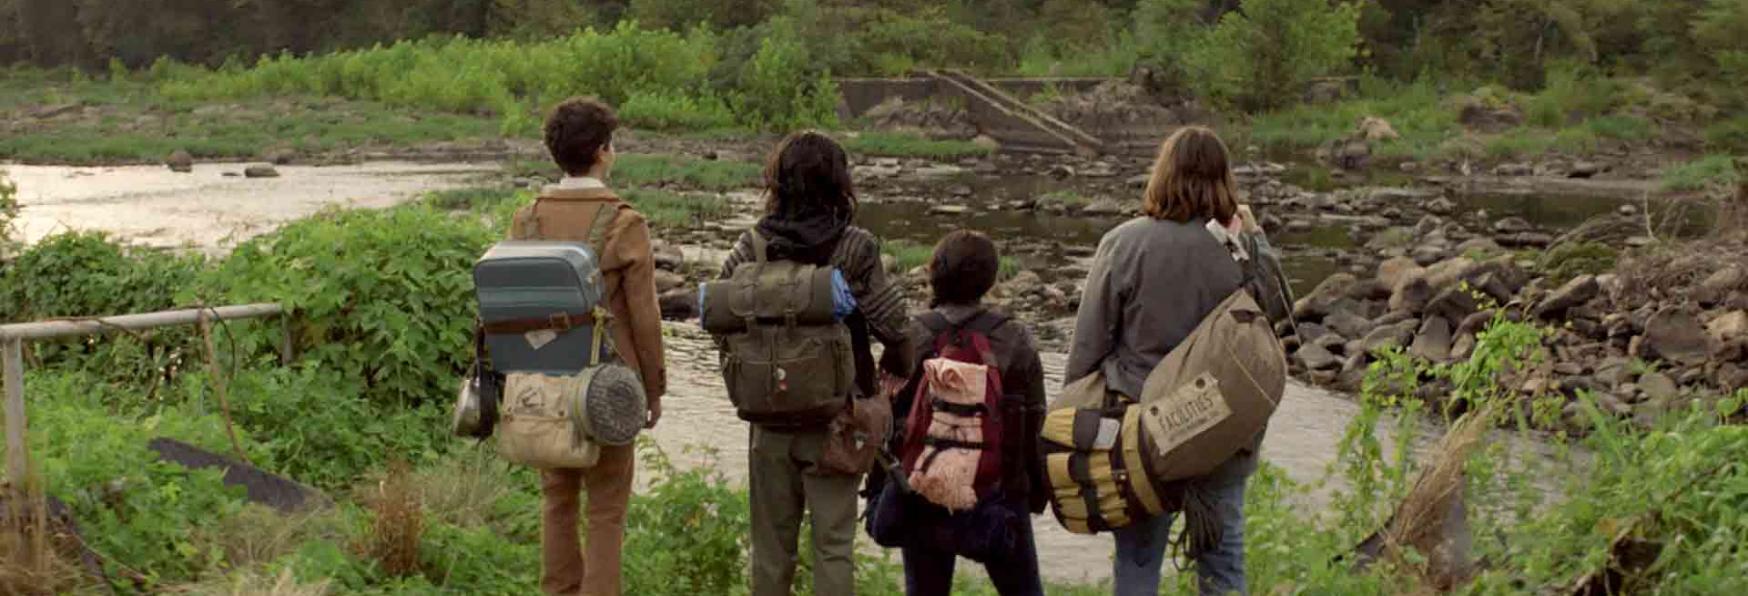 The Walking Dead: World Beyond - Rilasciato il Trailer per la Serie Limitata